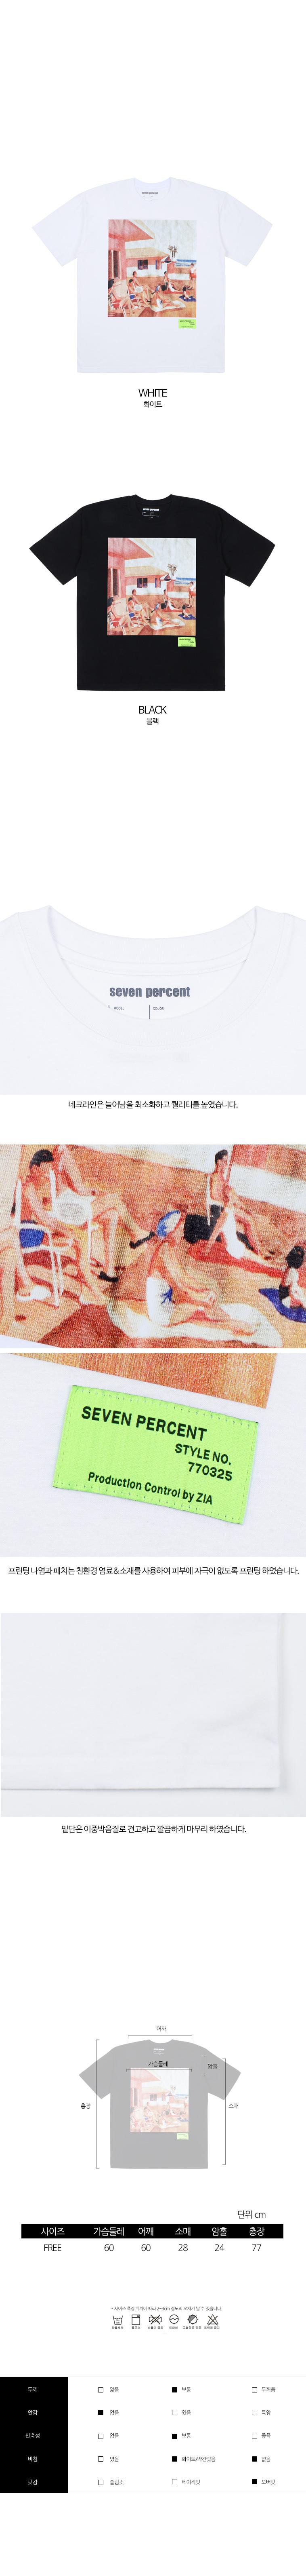 [세븐퍼센트] 남여공용 니스비치 커플 오버핏 반팔티 - 세븐퍼센트, 23,900원, 상의, 반팔티셔츠